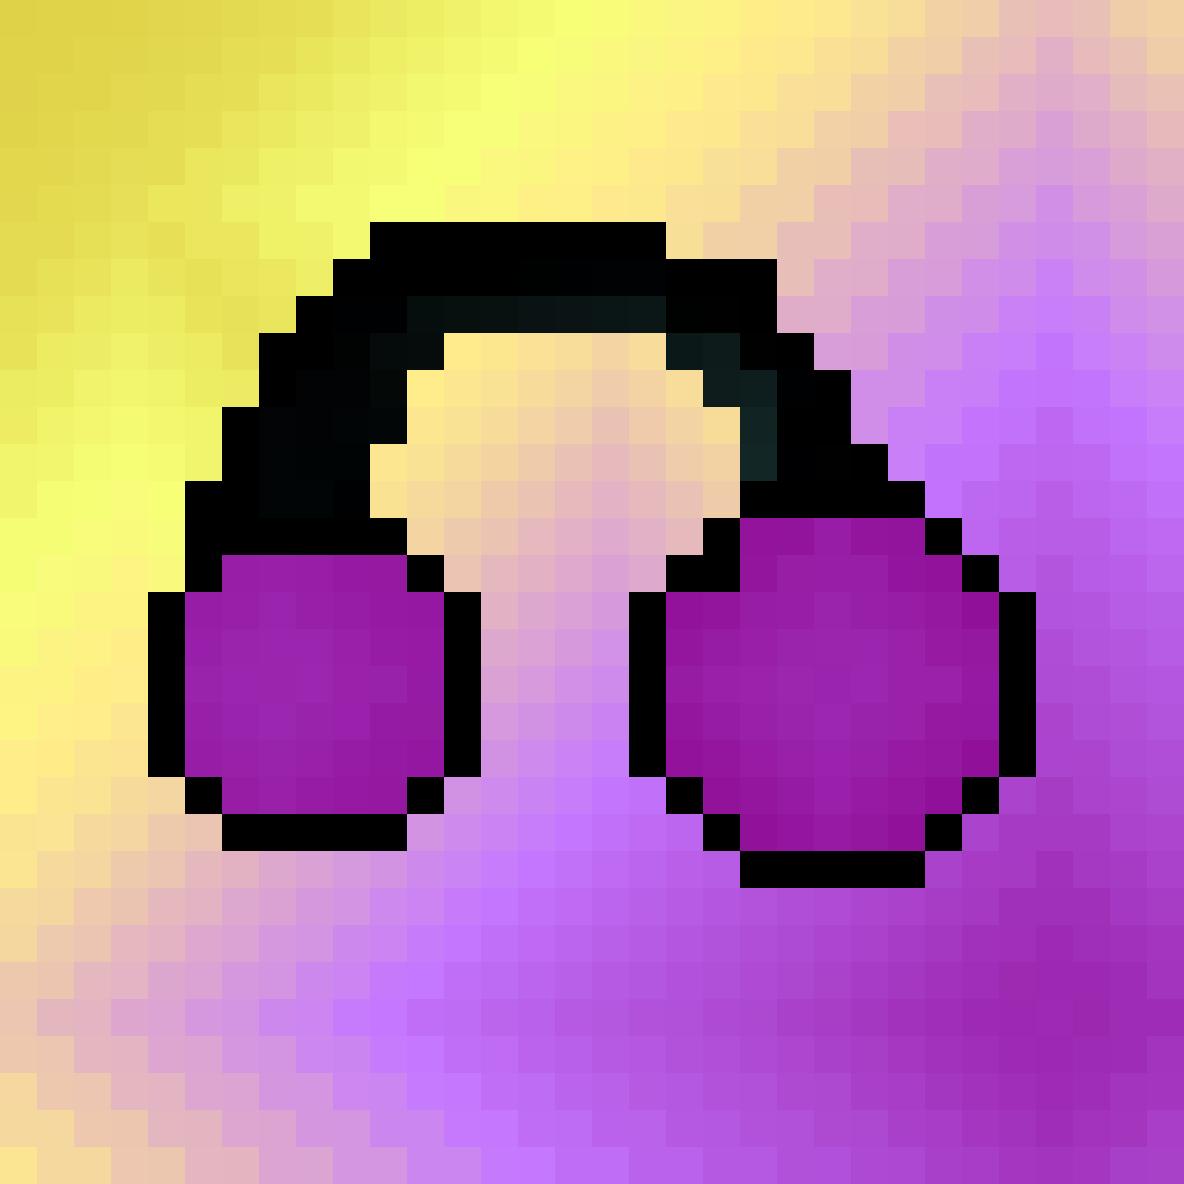 Poyple Headphones by Pscicicdragon00